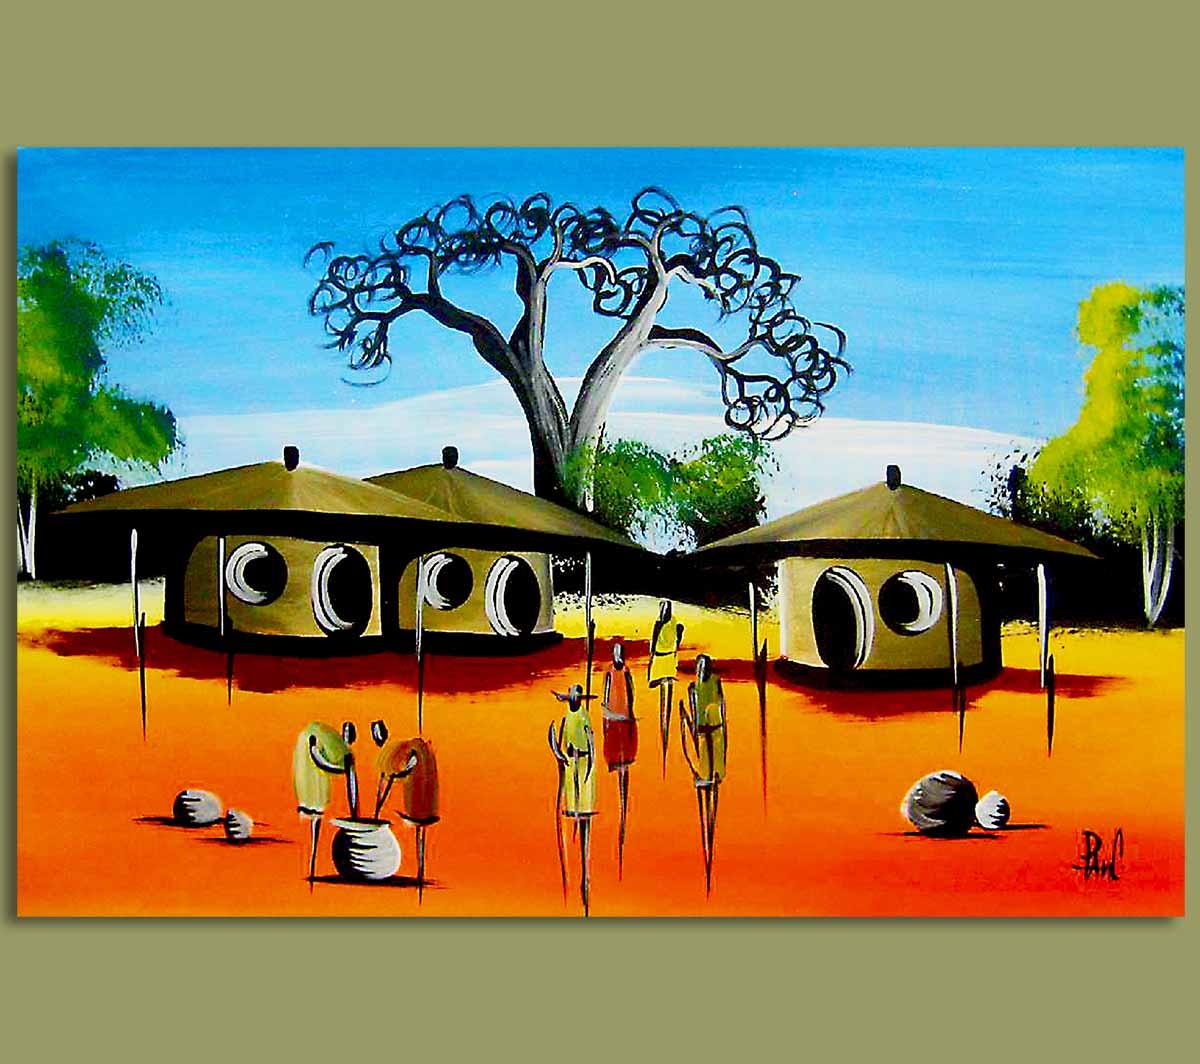 art village scene